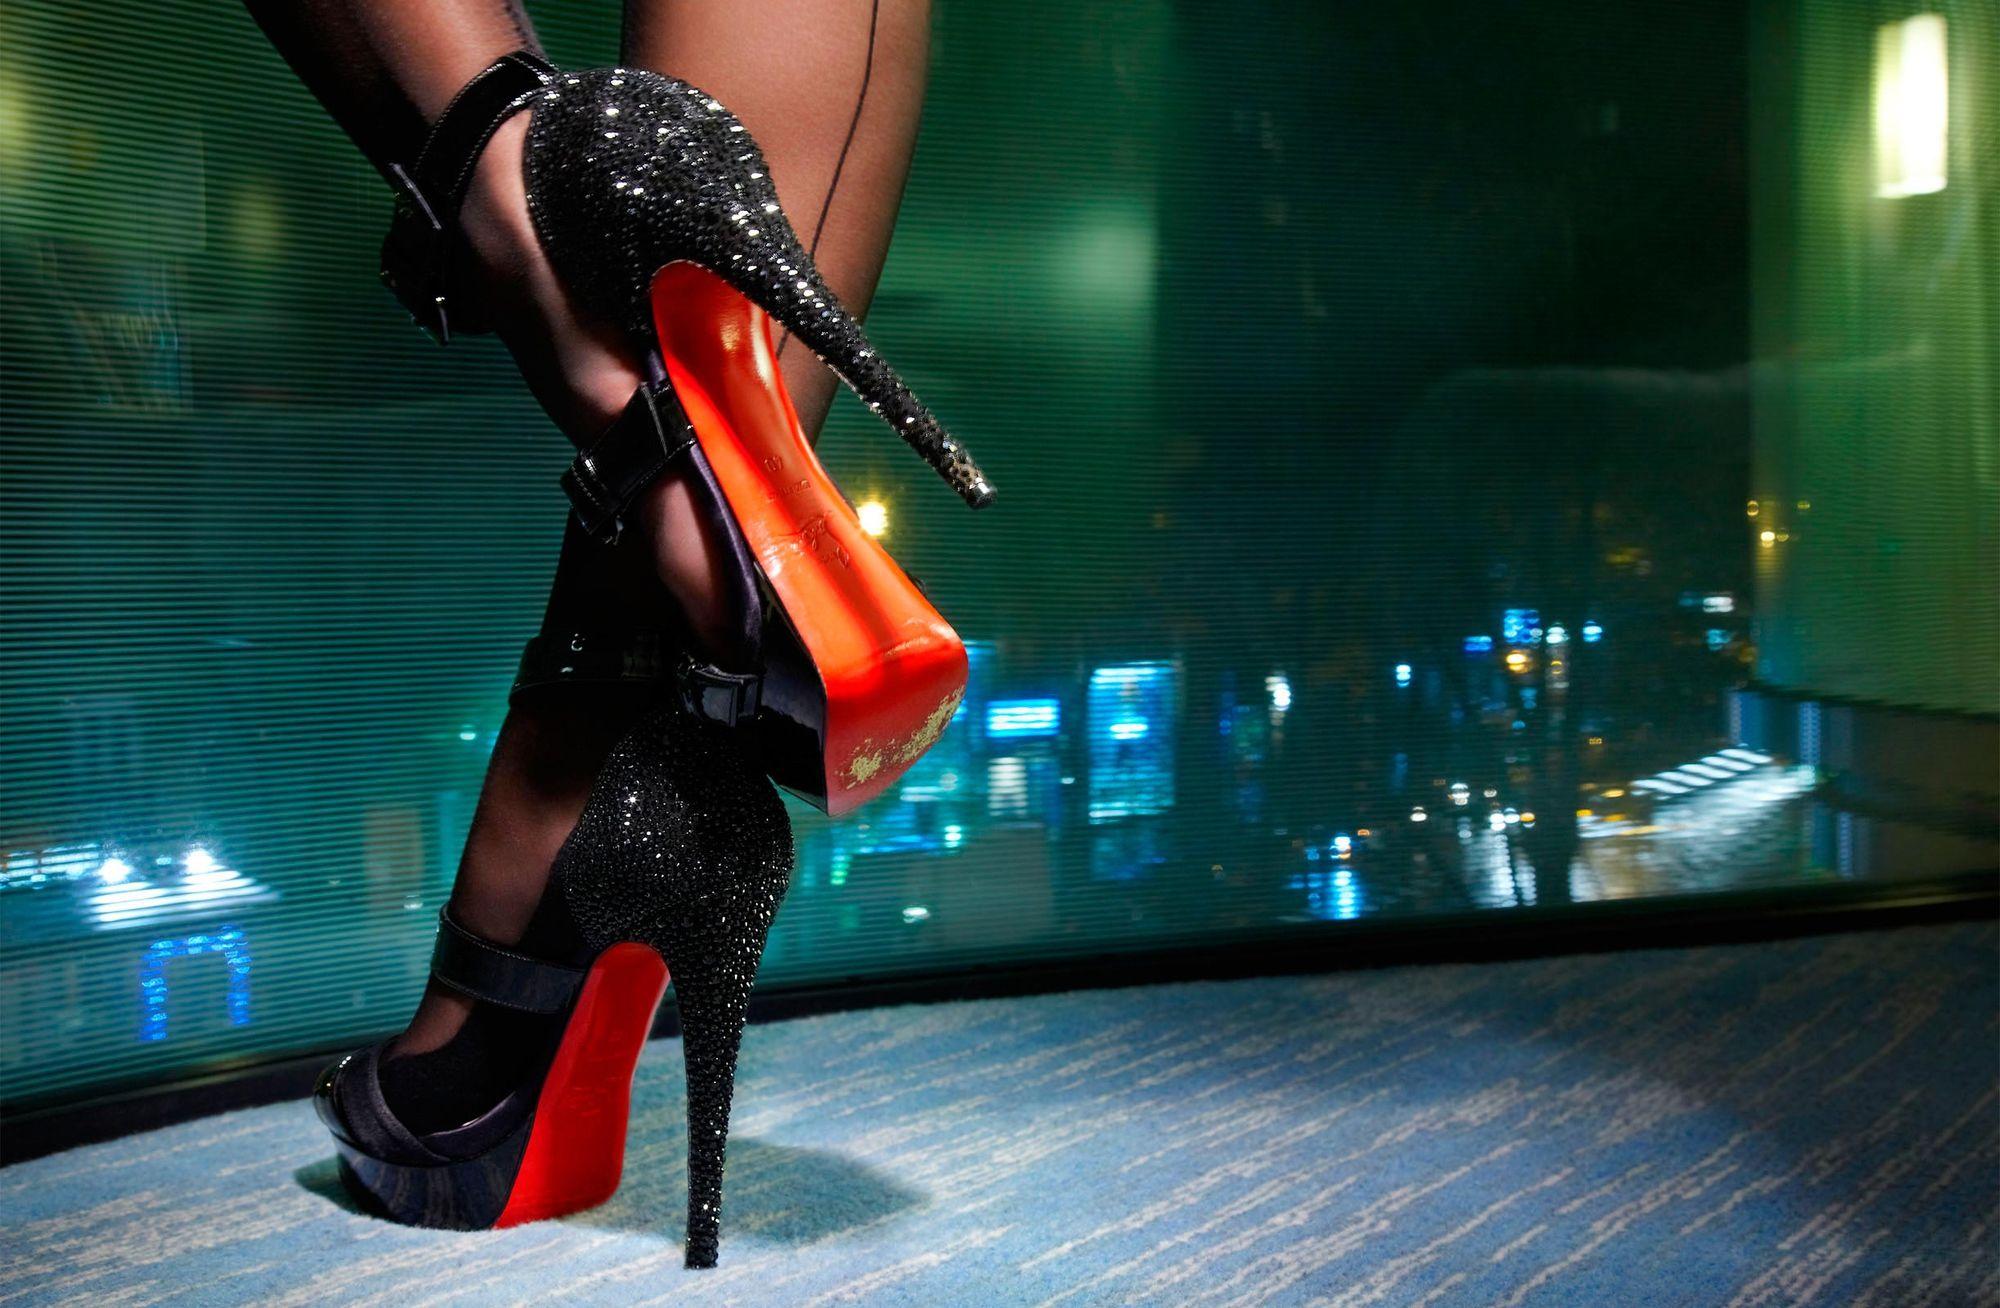 злодейки на высоких каблуках кто они